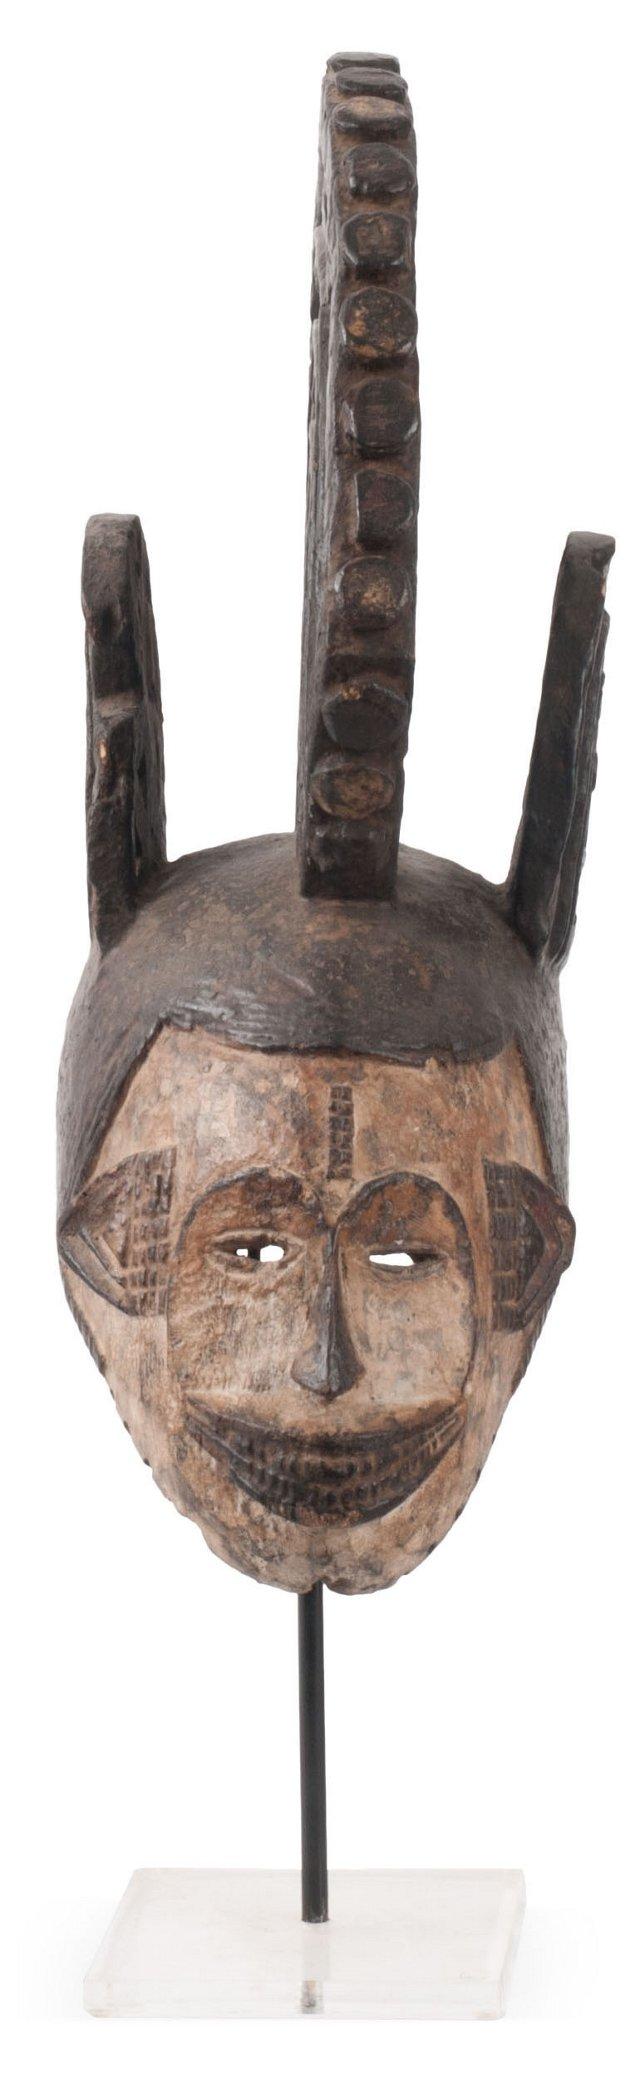 South African Mask V